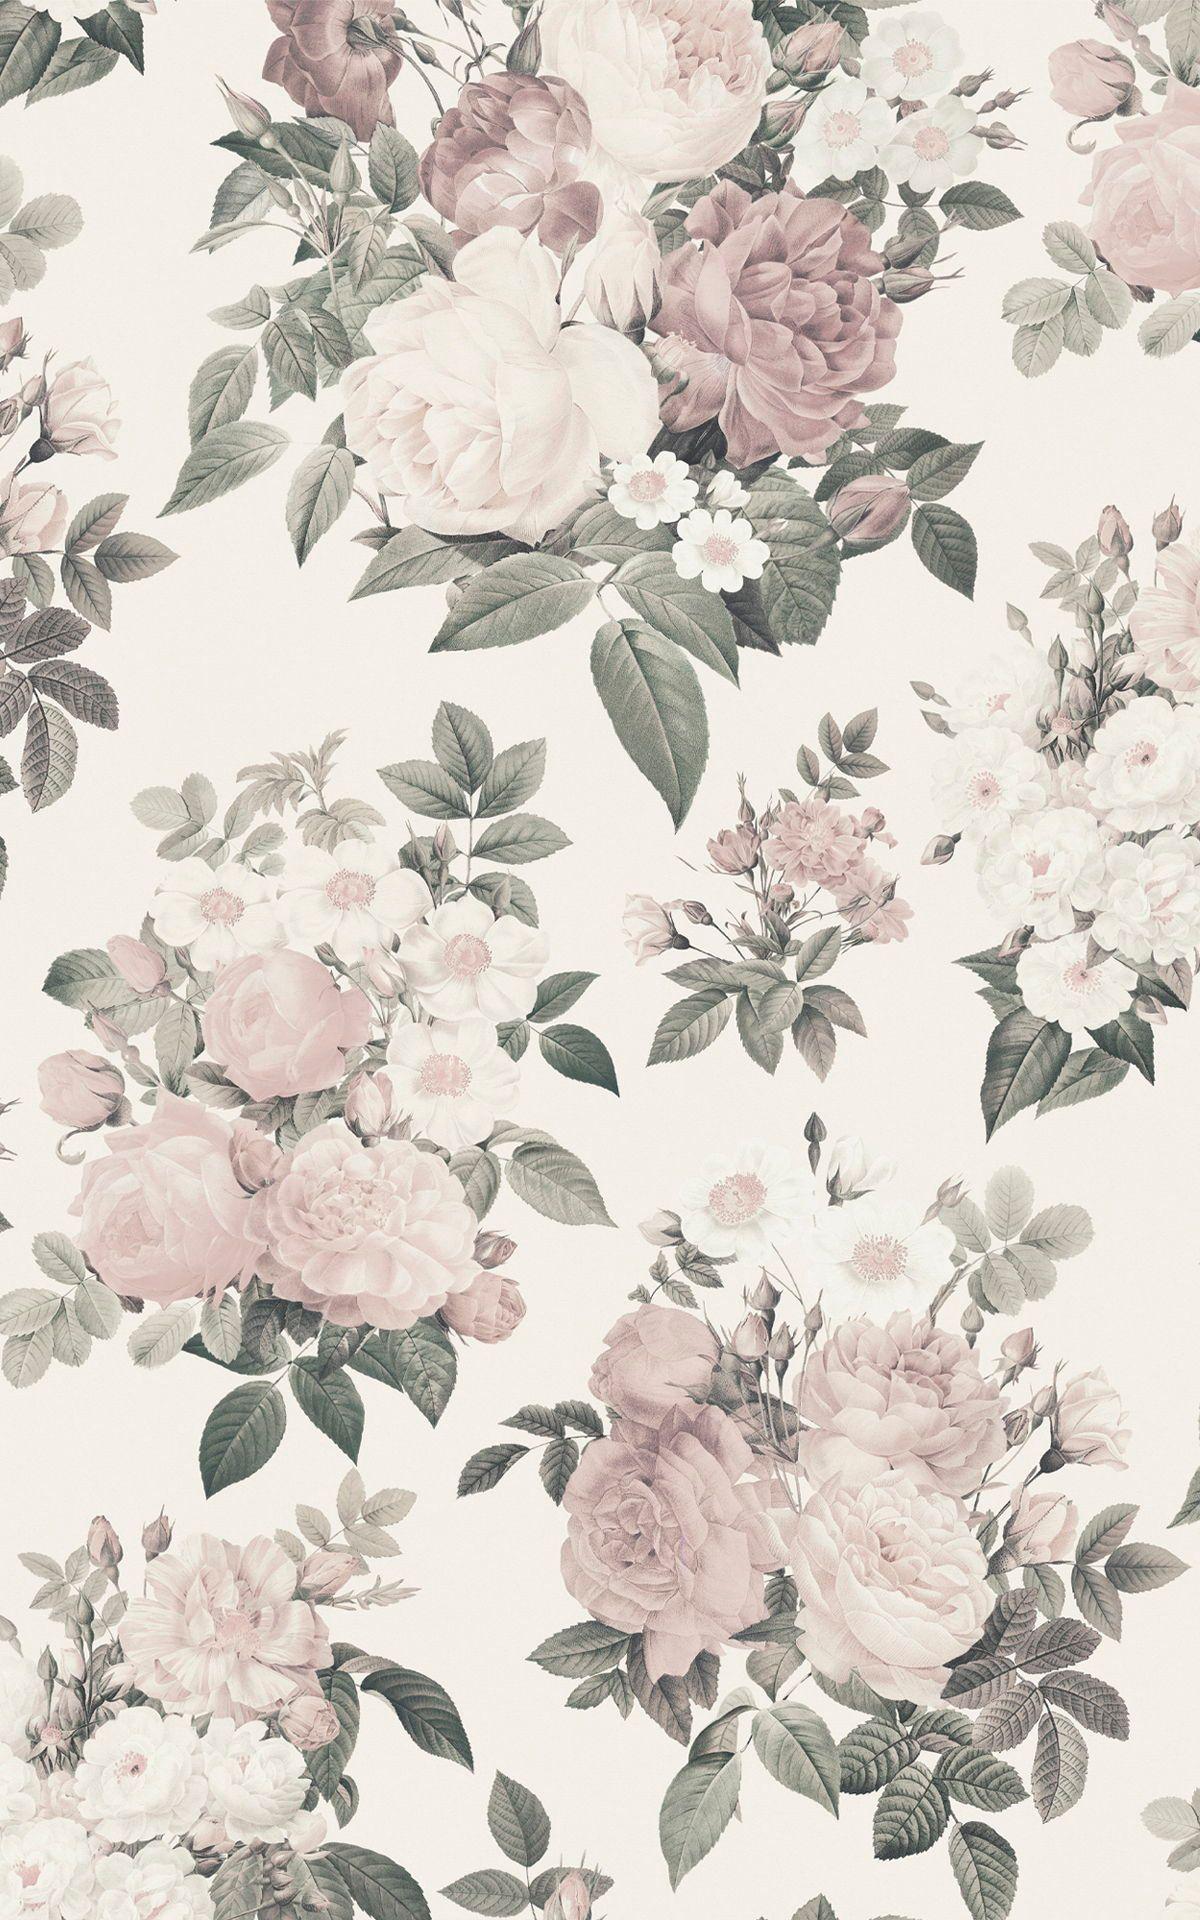 Cream Pink Vintage Rose Floral Wallpaper Mural Hovia Vintage Flowers Wallpaper Vintage Floral Wallpapers Vintage Floral Backgrounds Flower wallpaper vintage pink background